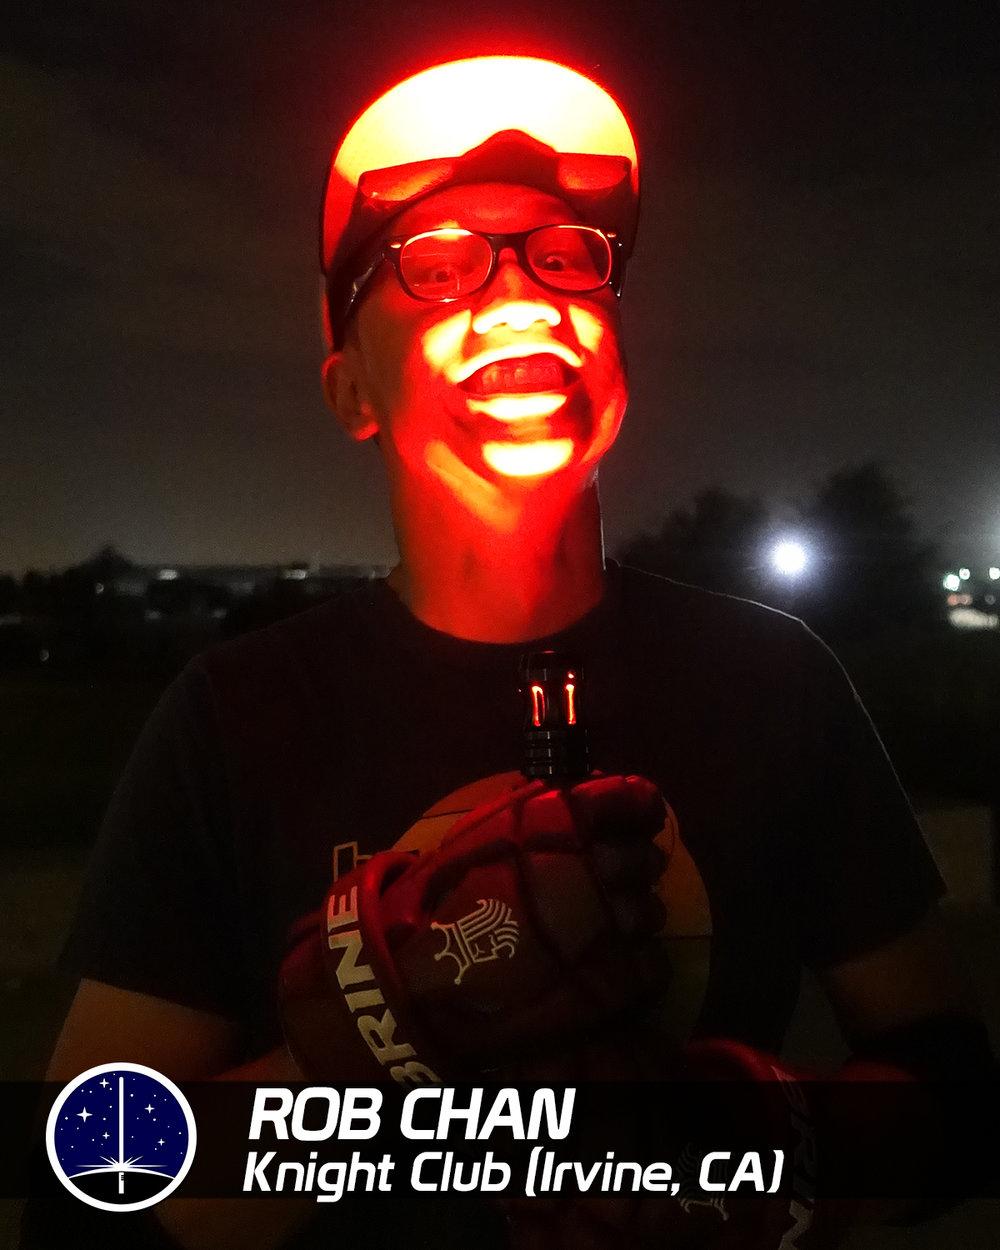 RobChan180915.jpg